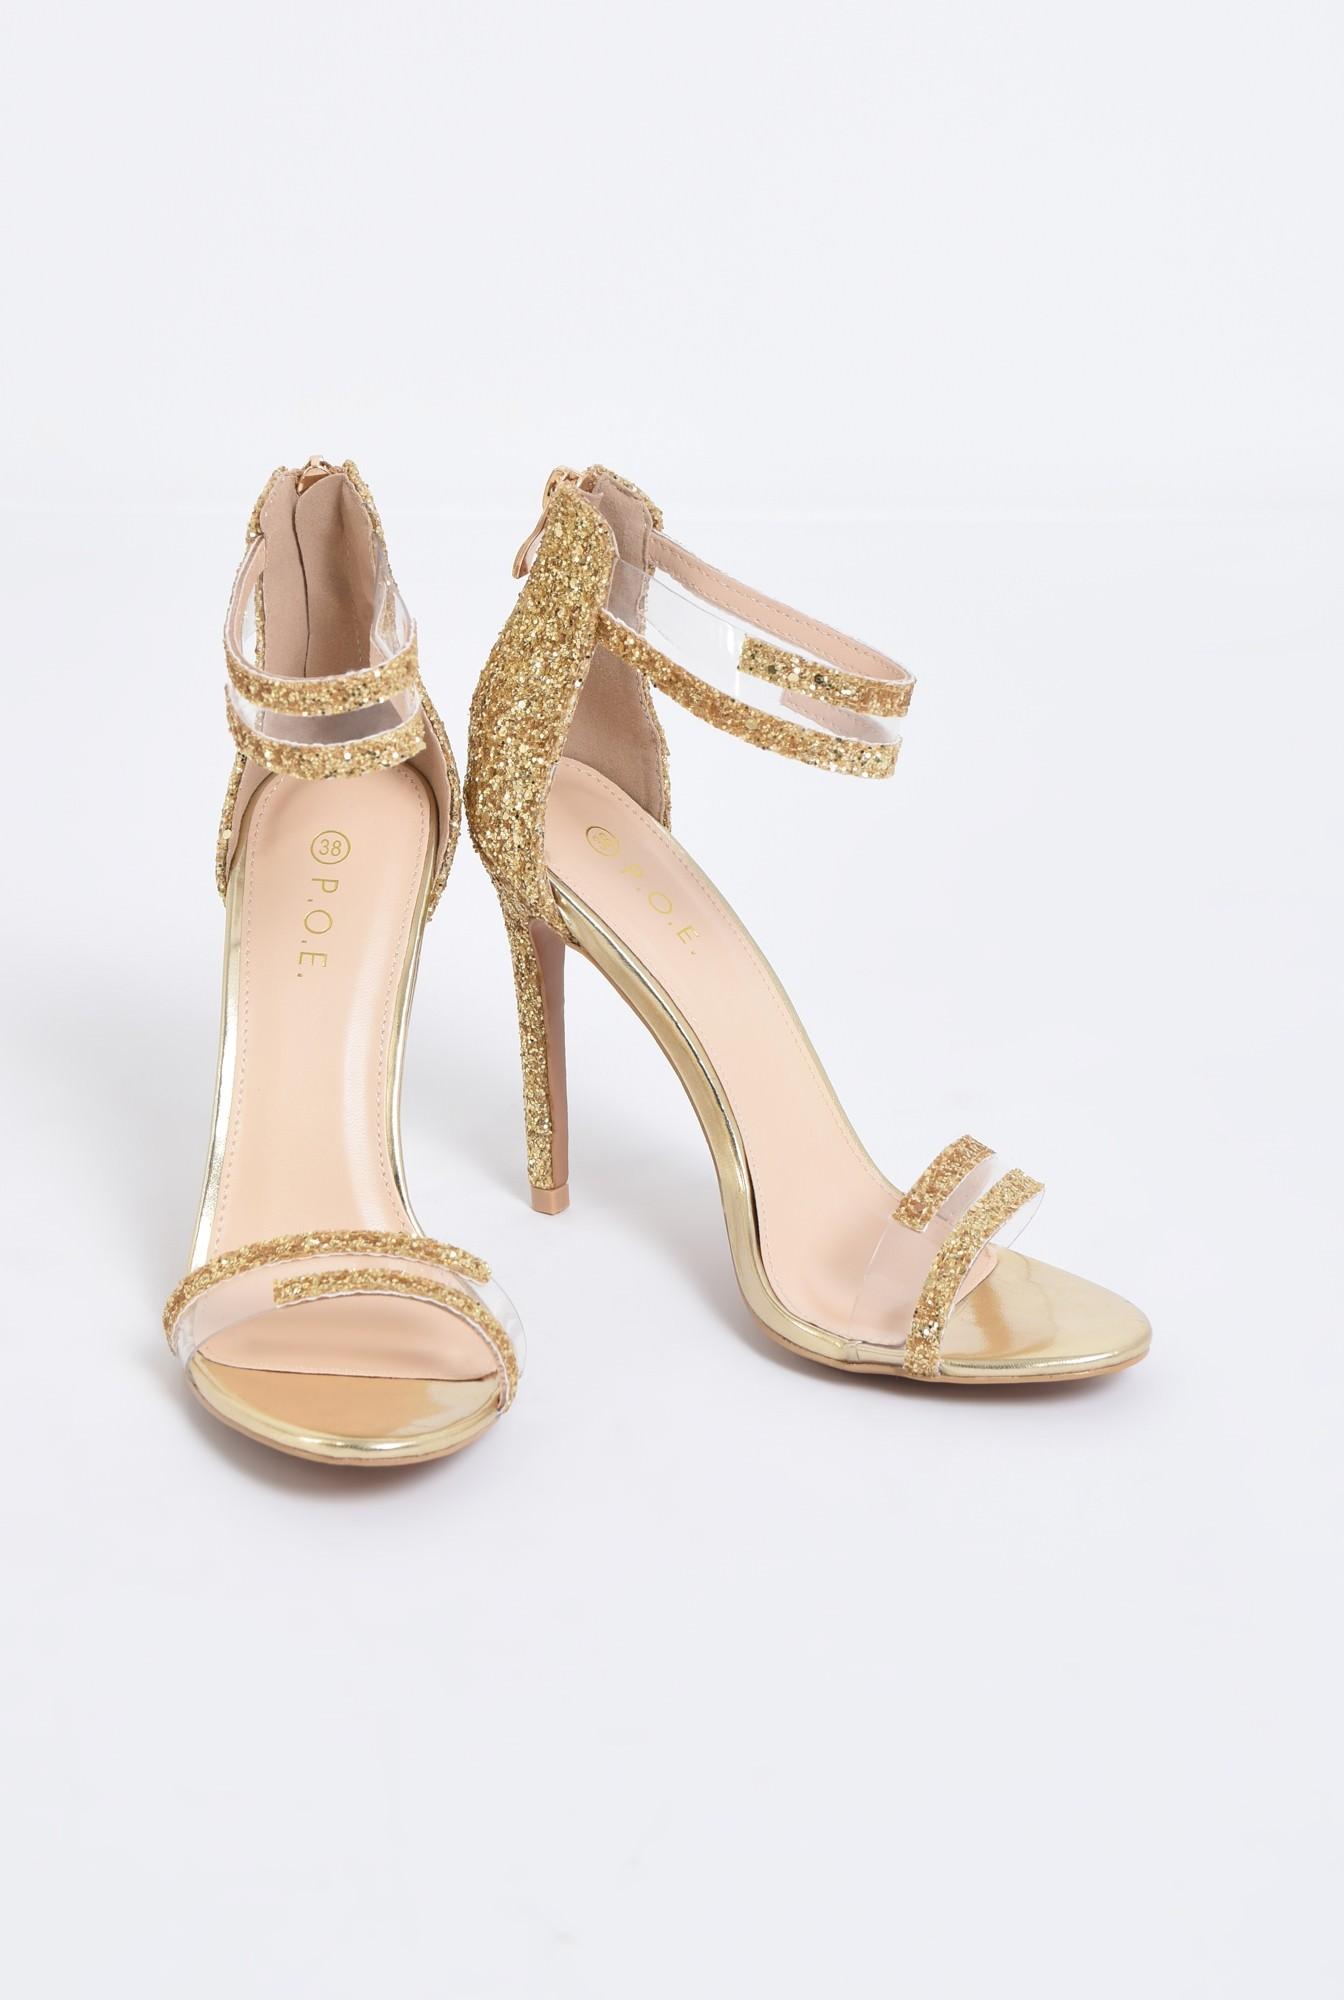 3 - sandale elegante, aurii, cu glitter, toc inalt